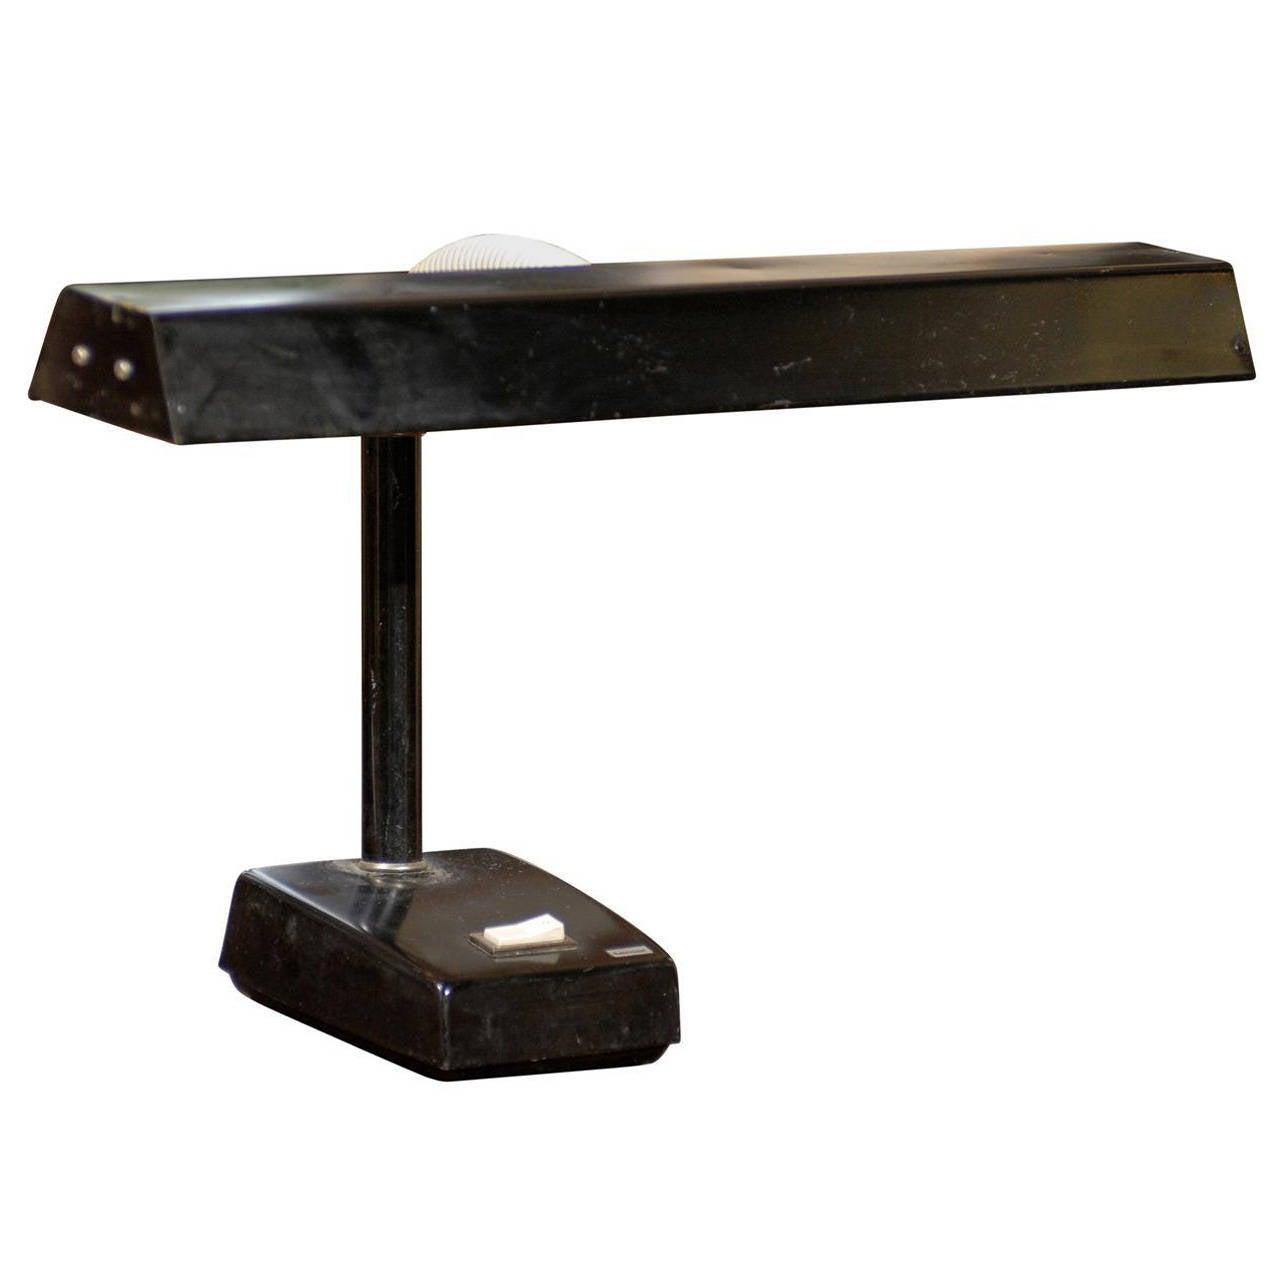 adjustable tensor mid century modern desk lamp for sale at 1stdibs. Black Bedroom Furniture Sets. Home Design Ideas